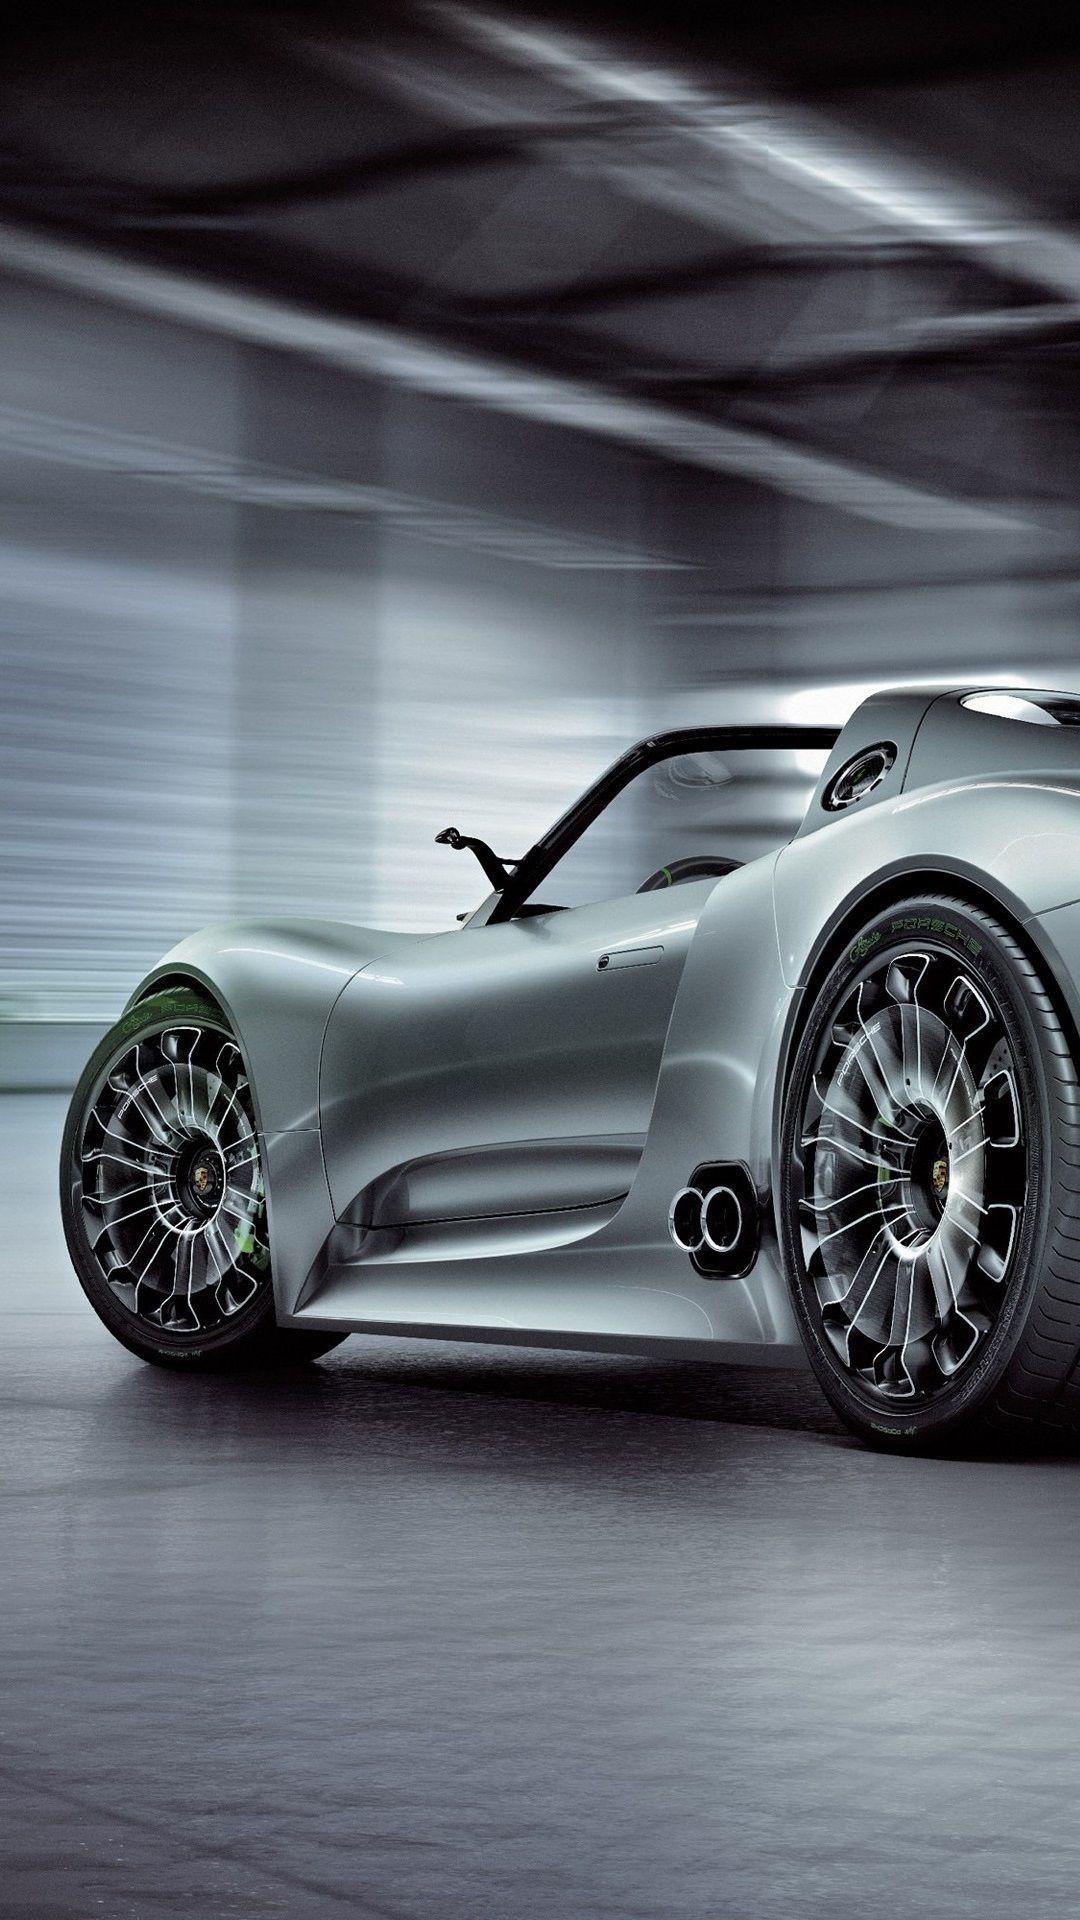 Porsche 918 Spyder Concept Supercar The Man Porsche Spyder